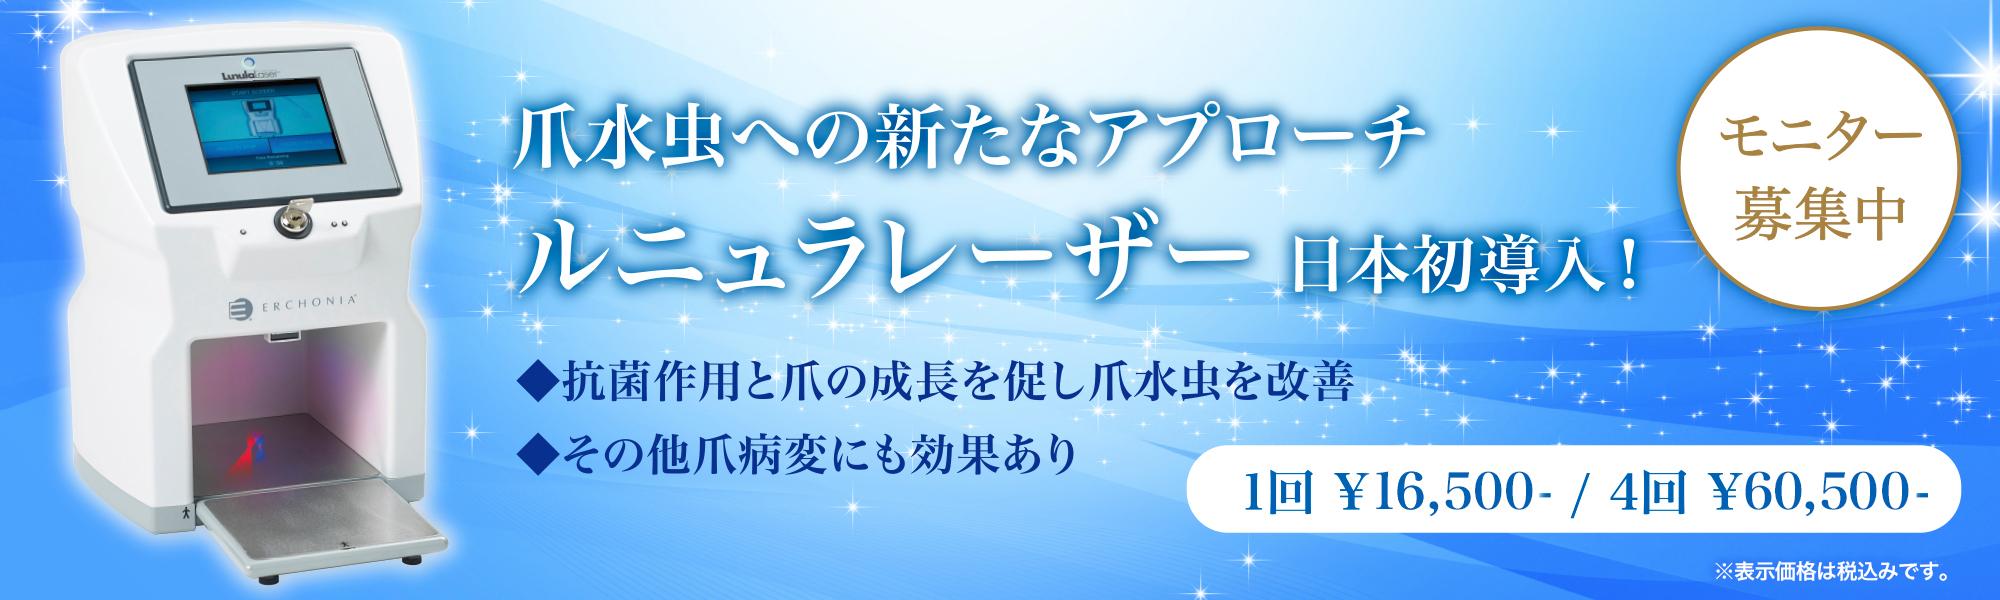 爪水虫への新たなアプローチ ルニュラレーザー日本初導入